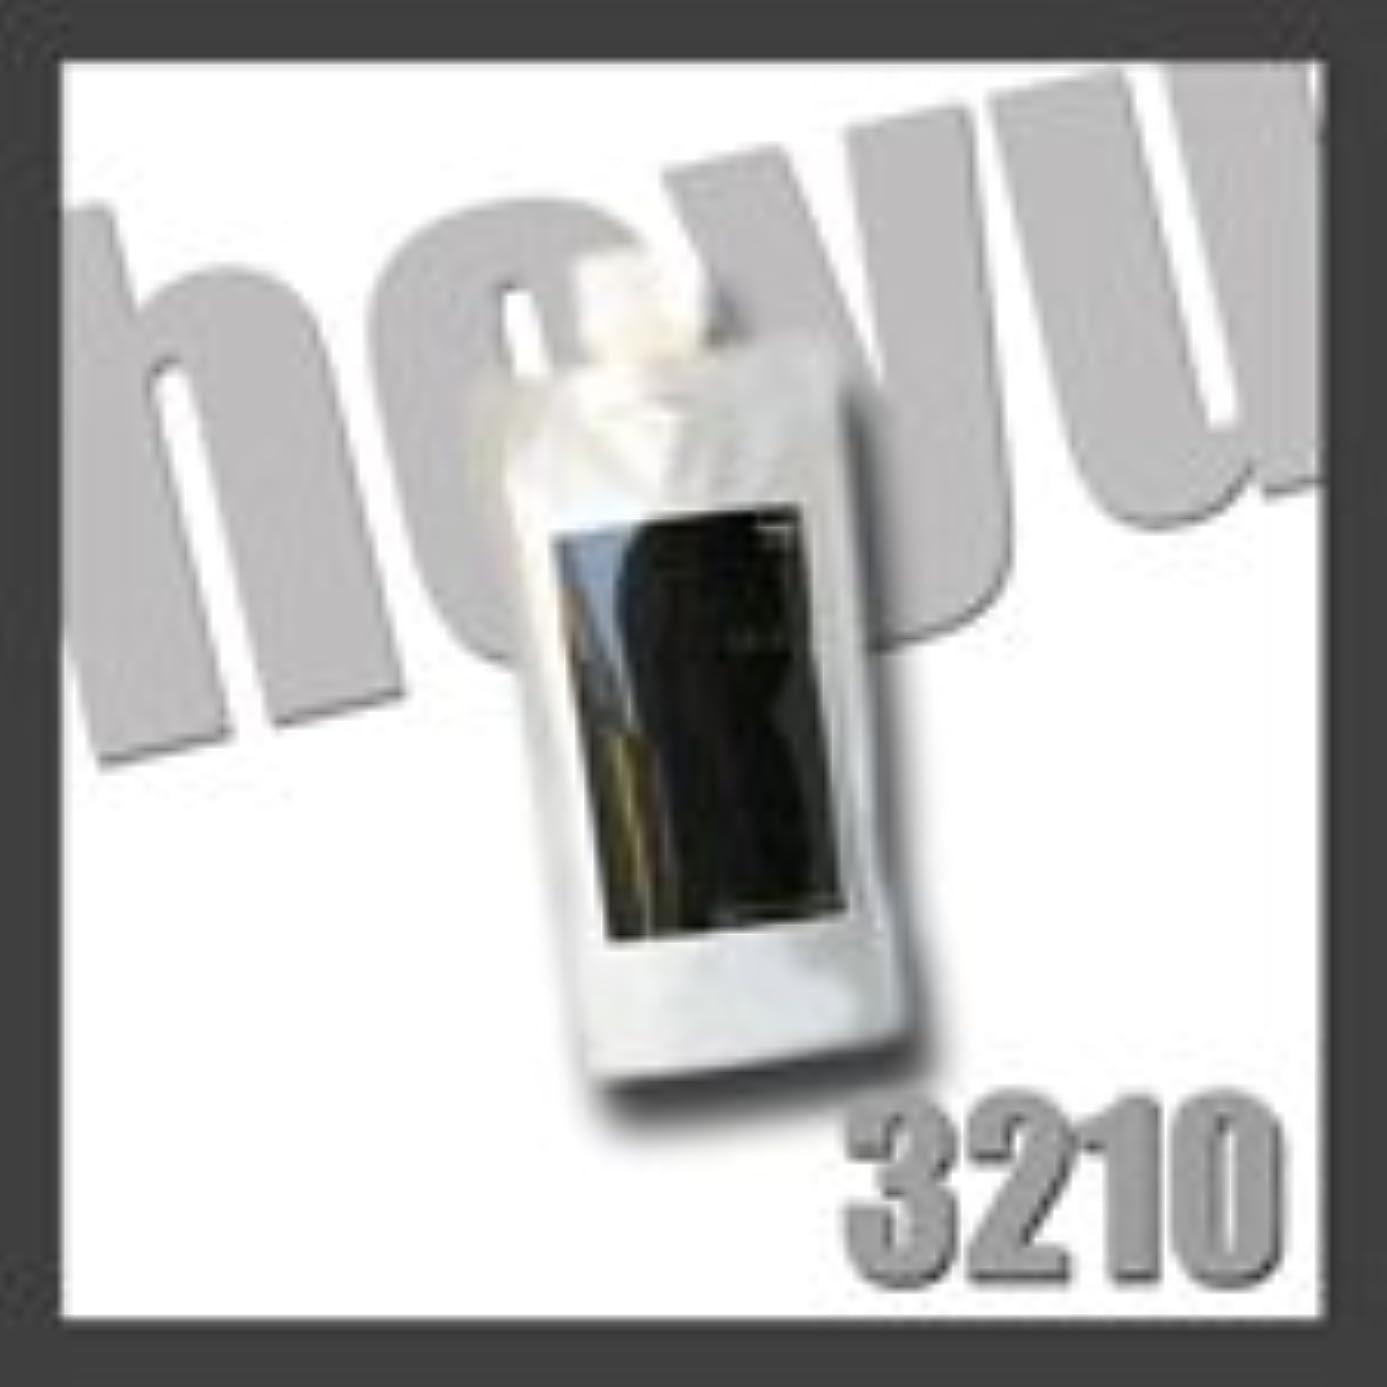 著名なメタリック素晴らしいHOYU ホーユー 3210 ミニーレ ウルトラハード ワックス レフィル 200g 詰替用 フィニッシュワークシリーズ